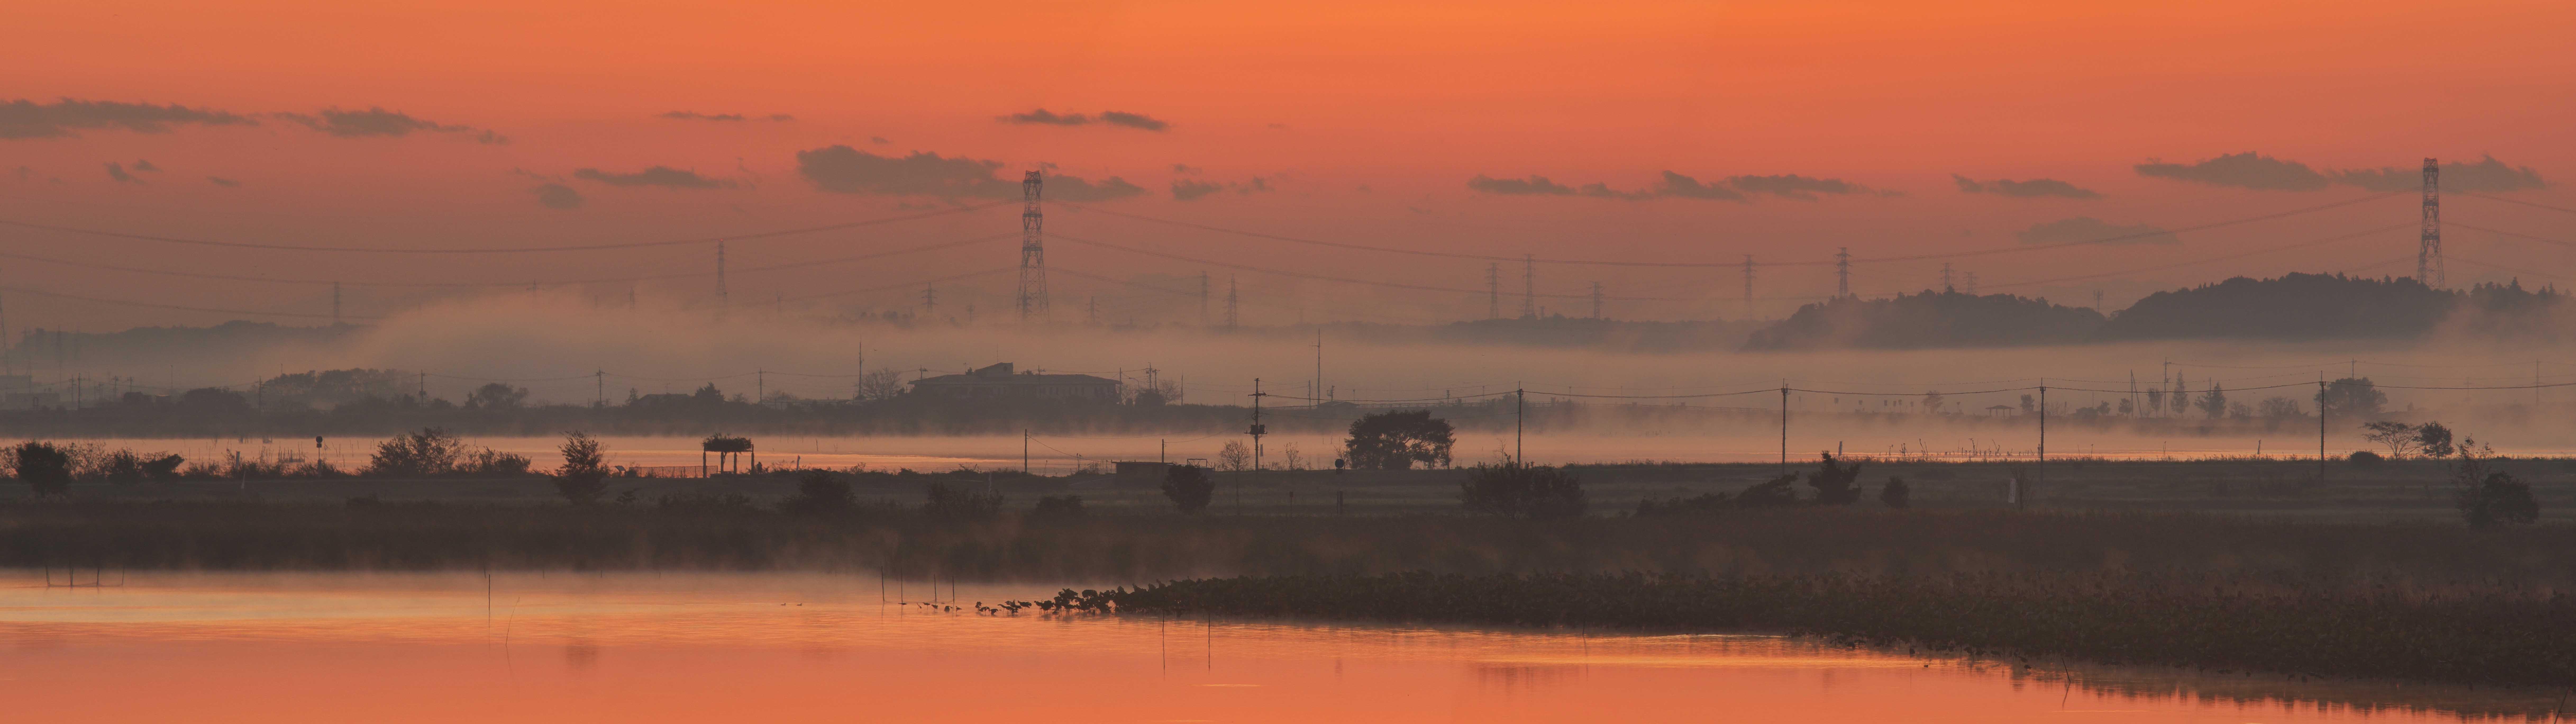 沼の夜明け 1_f0018464_2241213.jpg